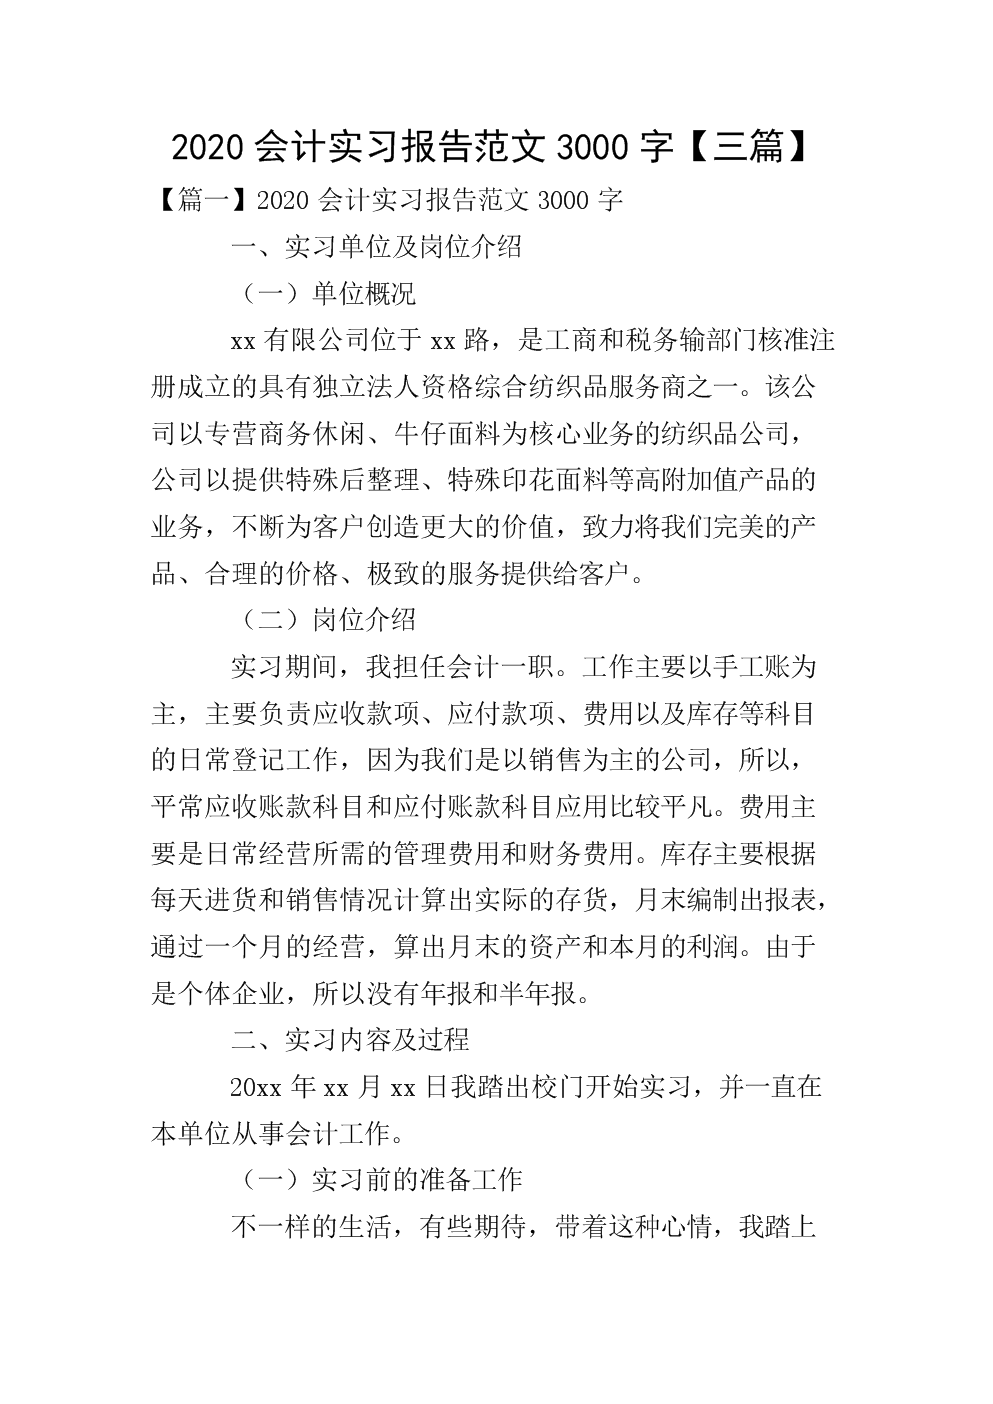 2020会计实习报告范文3000字【三篇】.doc